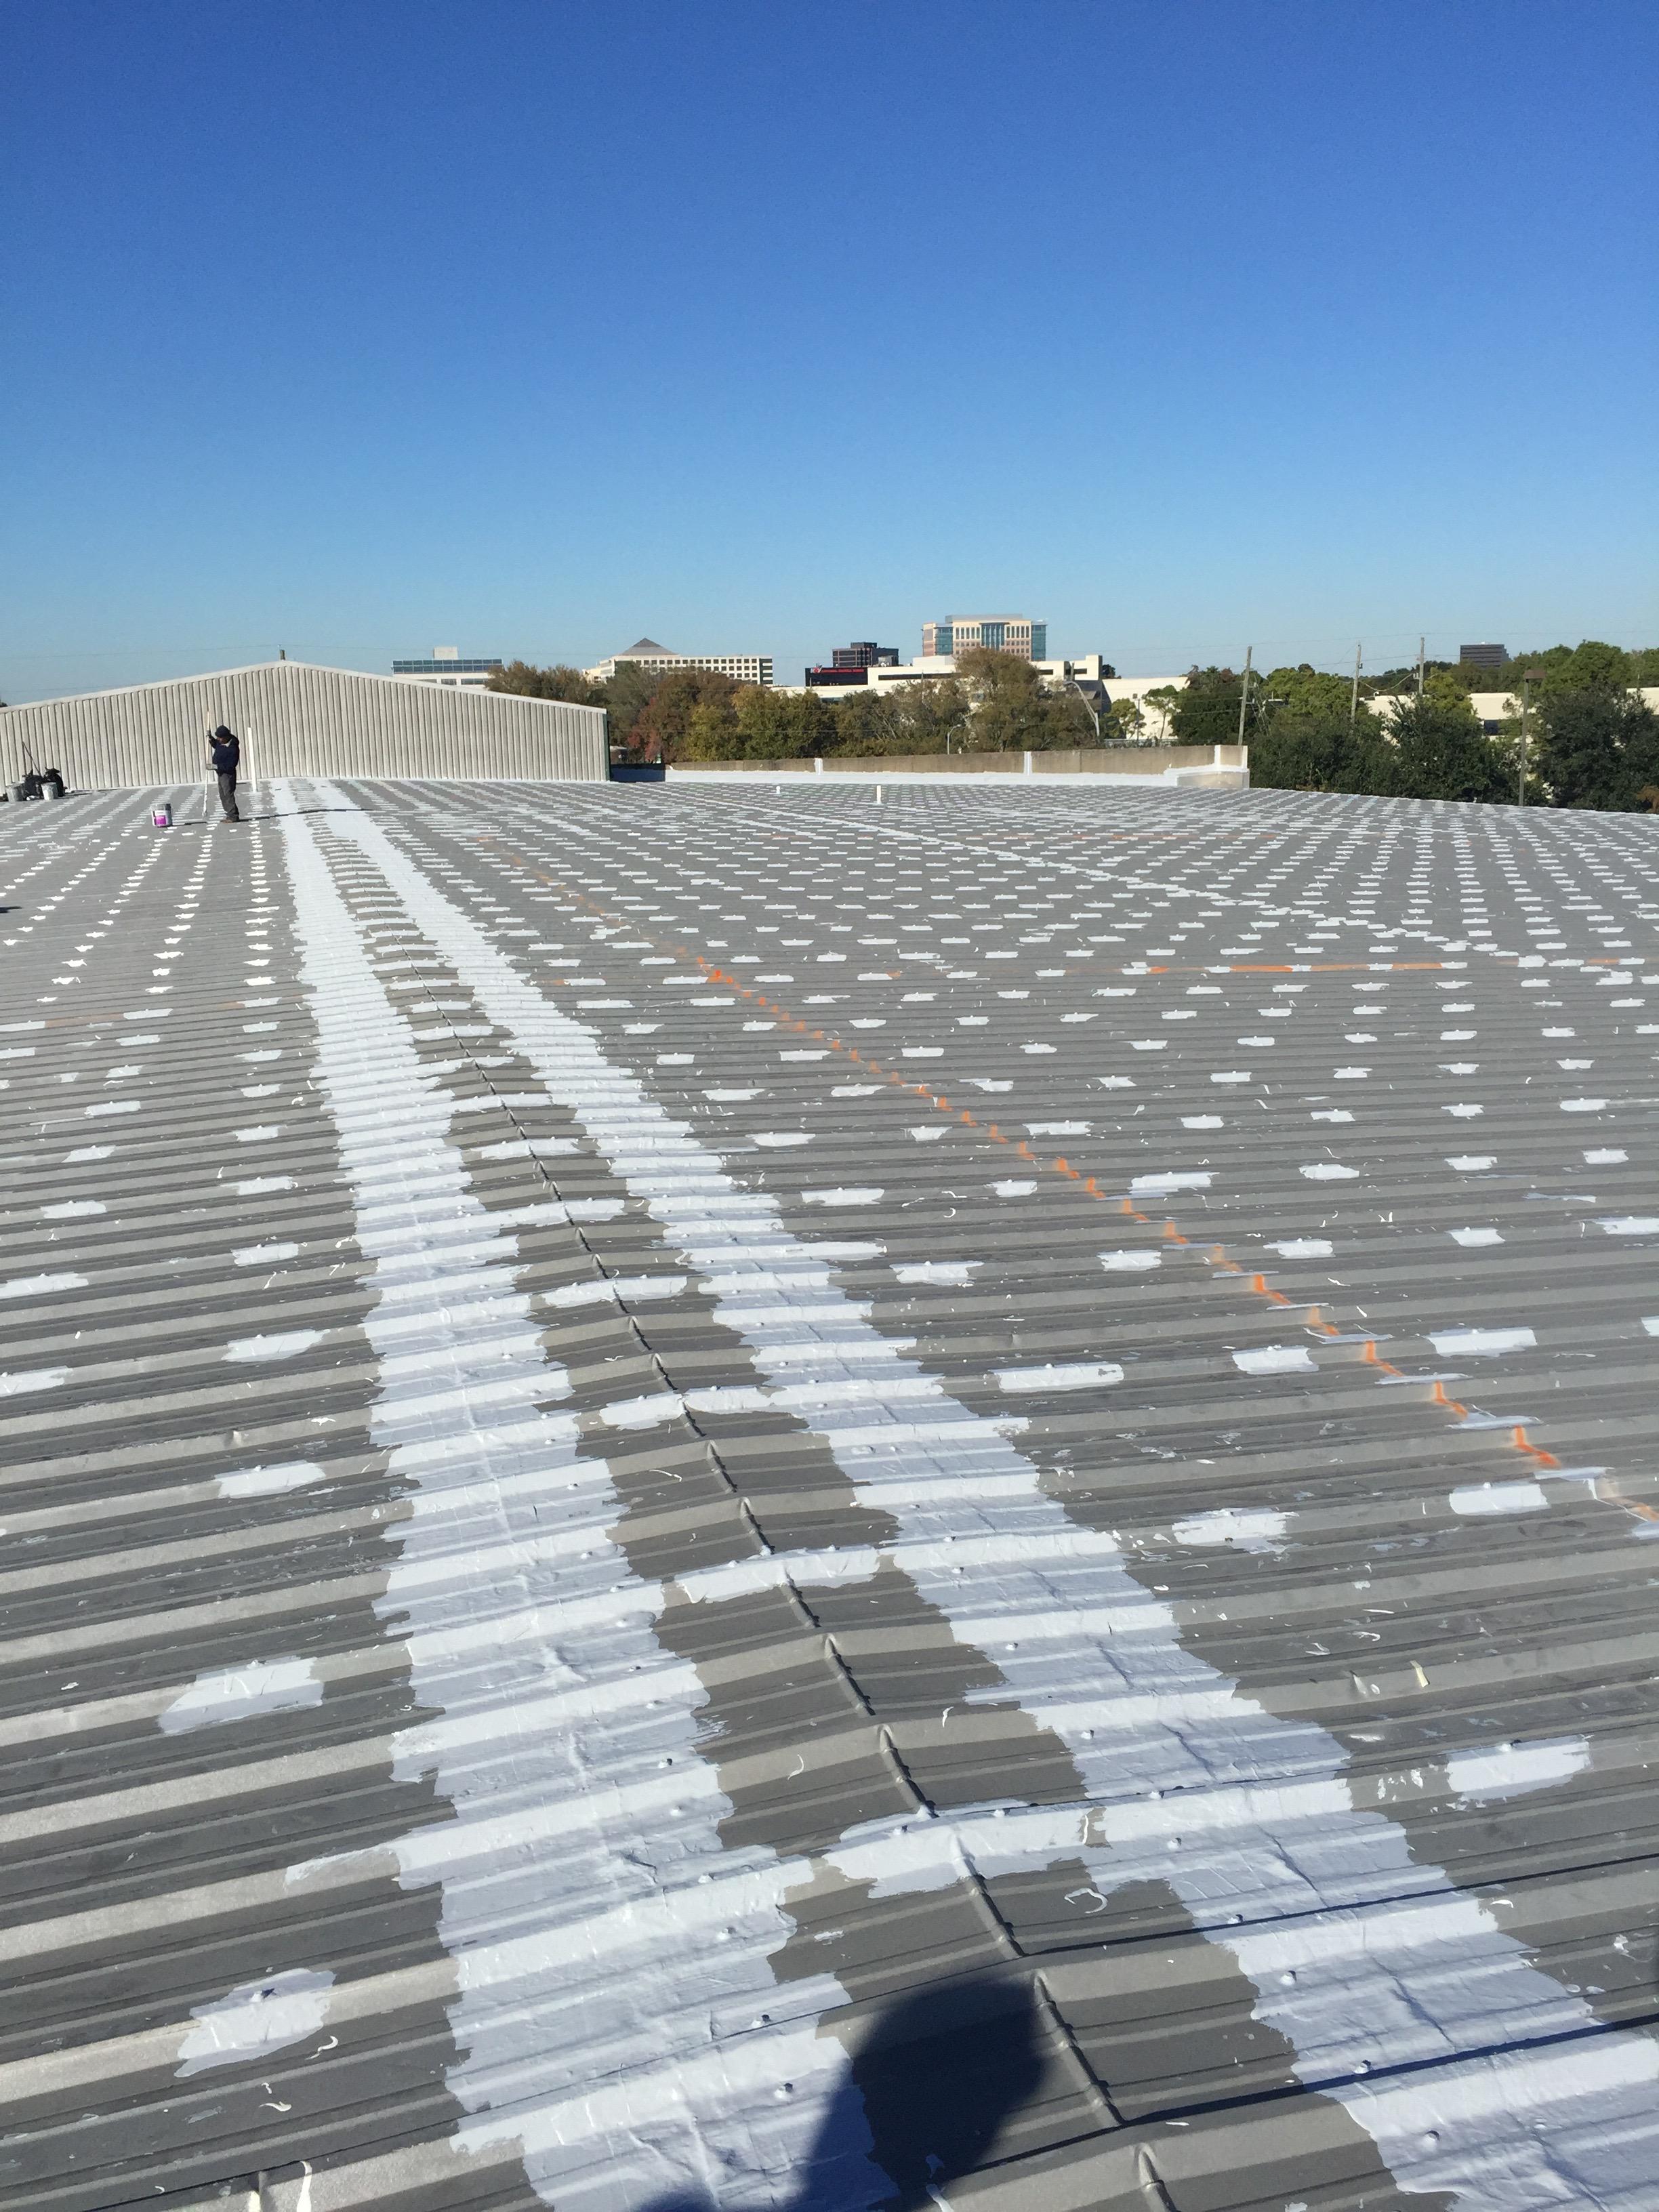 Roof sealing and repair